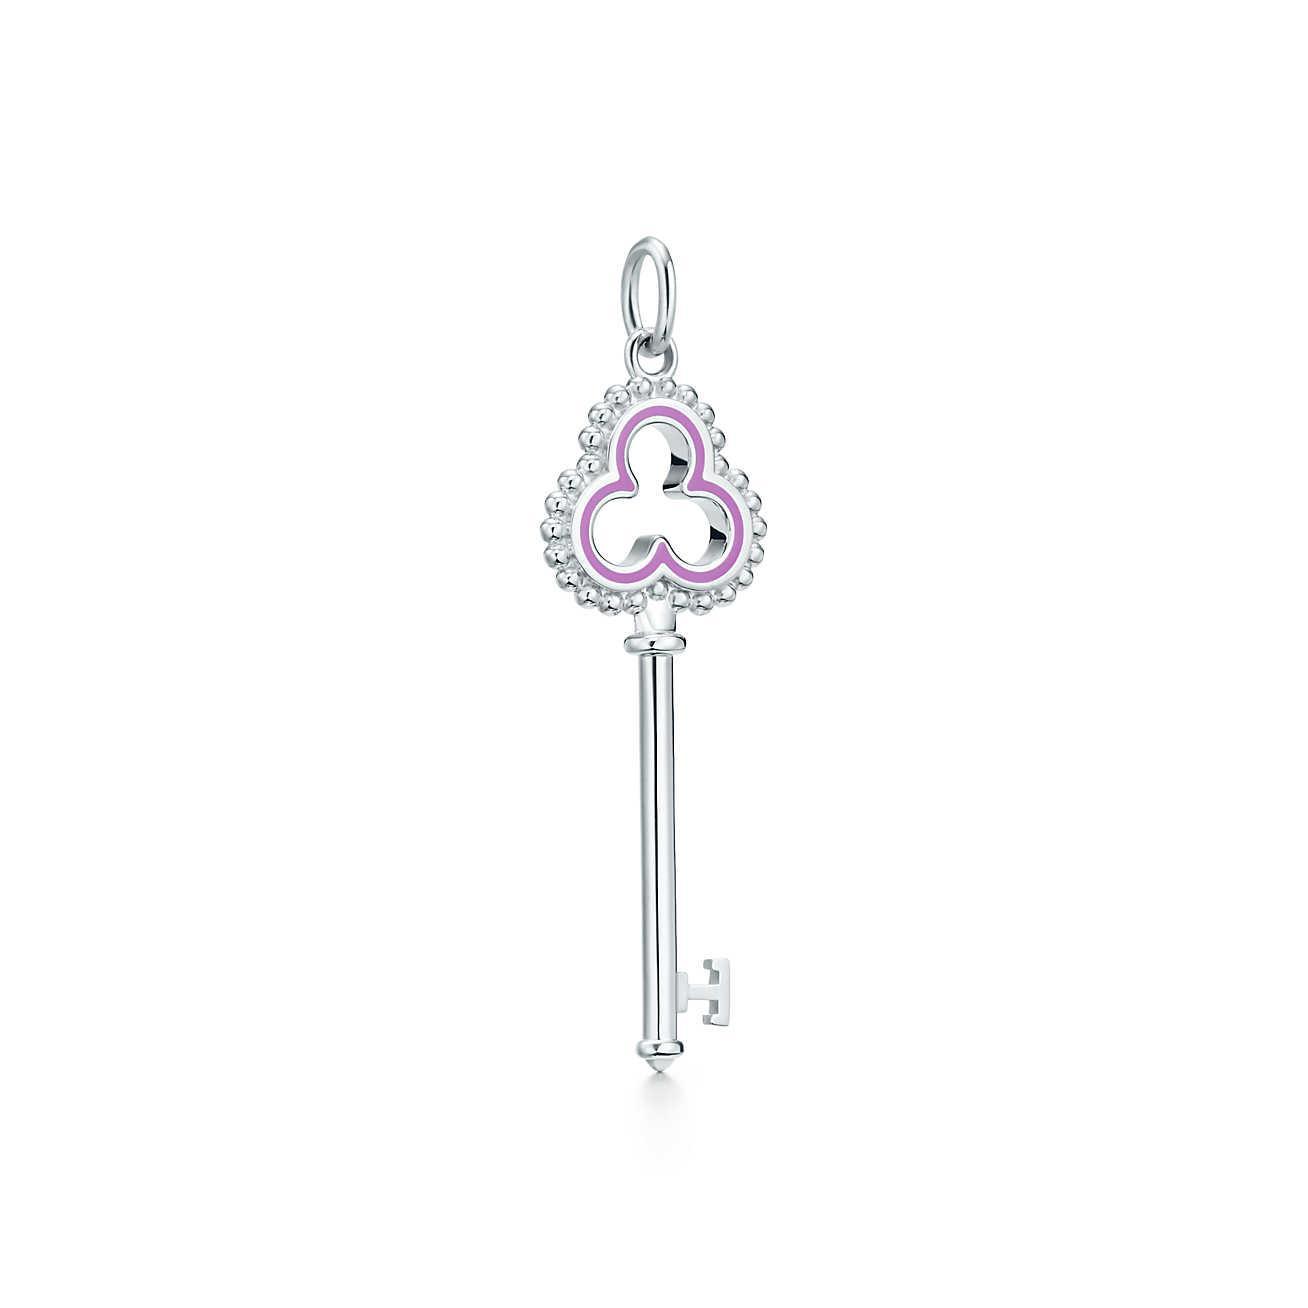 5f1efb828 Tiffany & Co. Tiffany Keys Open Trefoil Key Pendant In Sterling ...